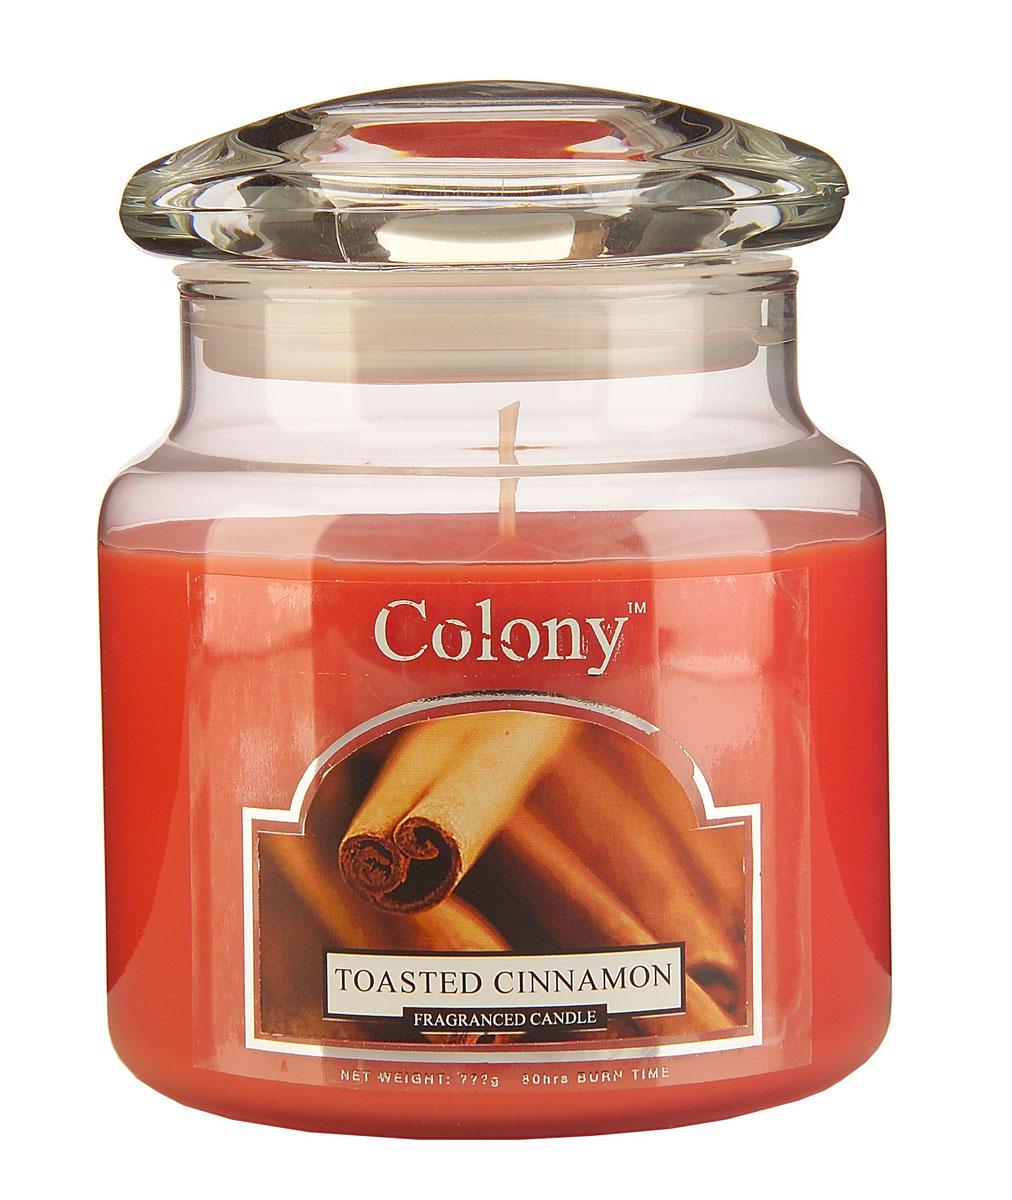 Wax Lyrical Пряная корица ароматизированная свеча в стекле средняя, 90 часовCH0744Теплый зимний аромат корицы с оттенками гвоздики и сладкой ванили. Уважаемые клиенты! Обращаем ваше внимание на возможные изменения в дизайне упаковки. Поставка осуществляется в зависимости от наличия на складе.